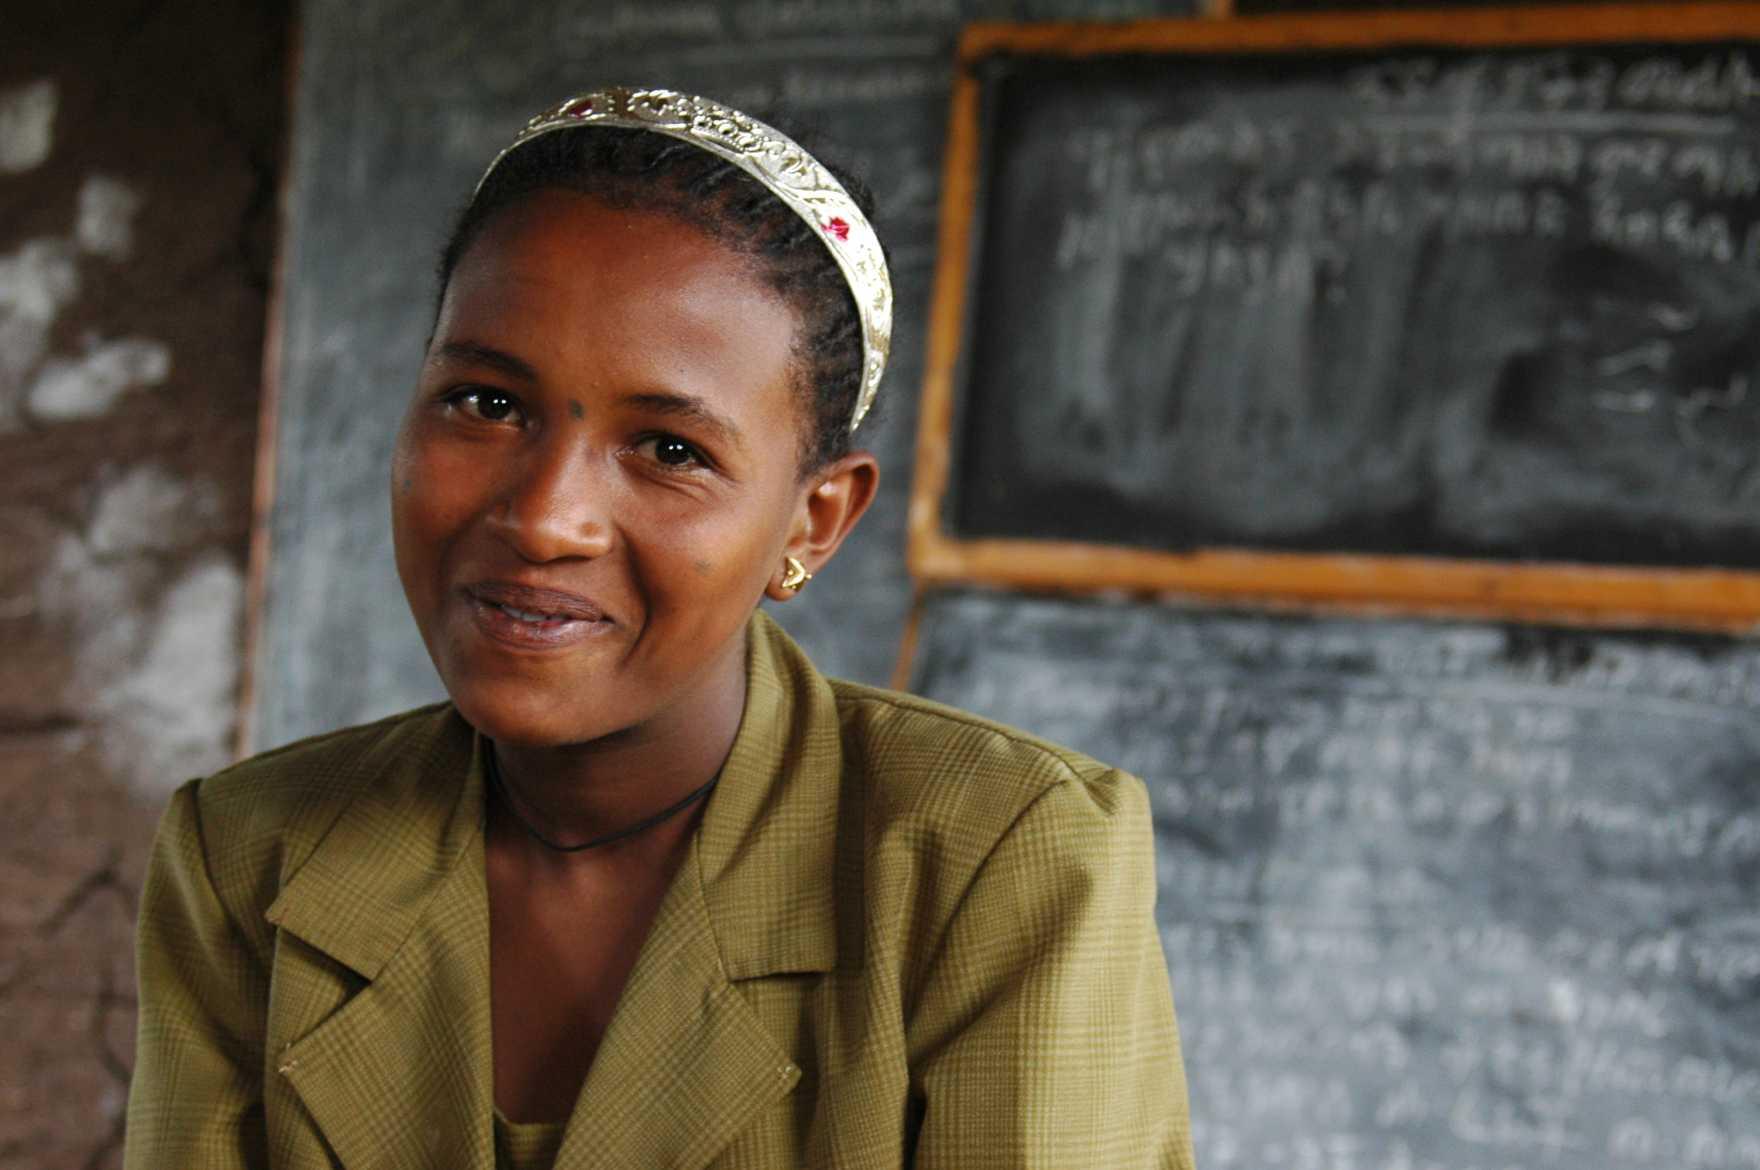 En flicka i grön skjorta sitter framför en svart tavla i ett klassrum.